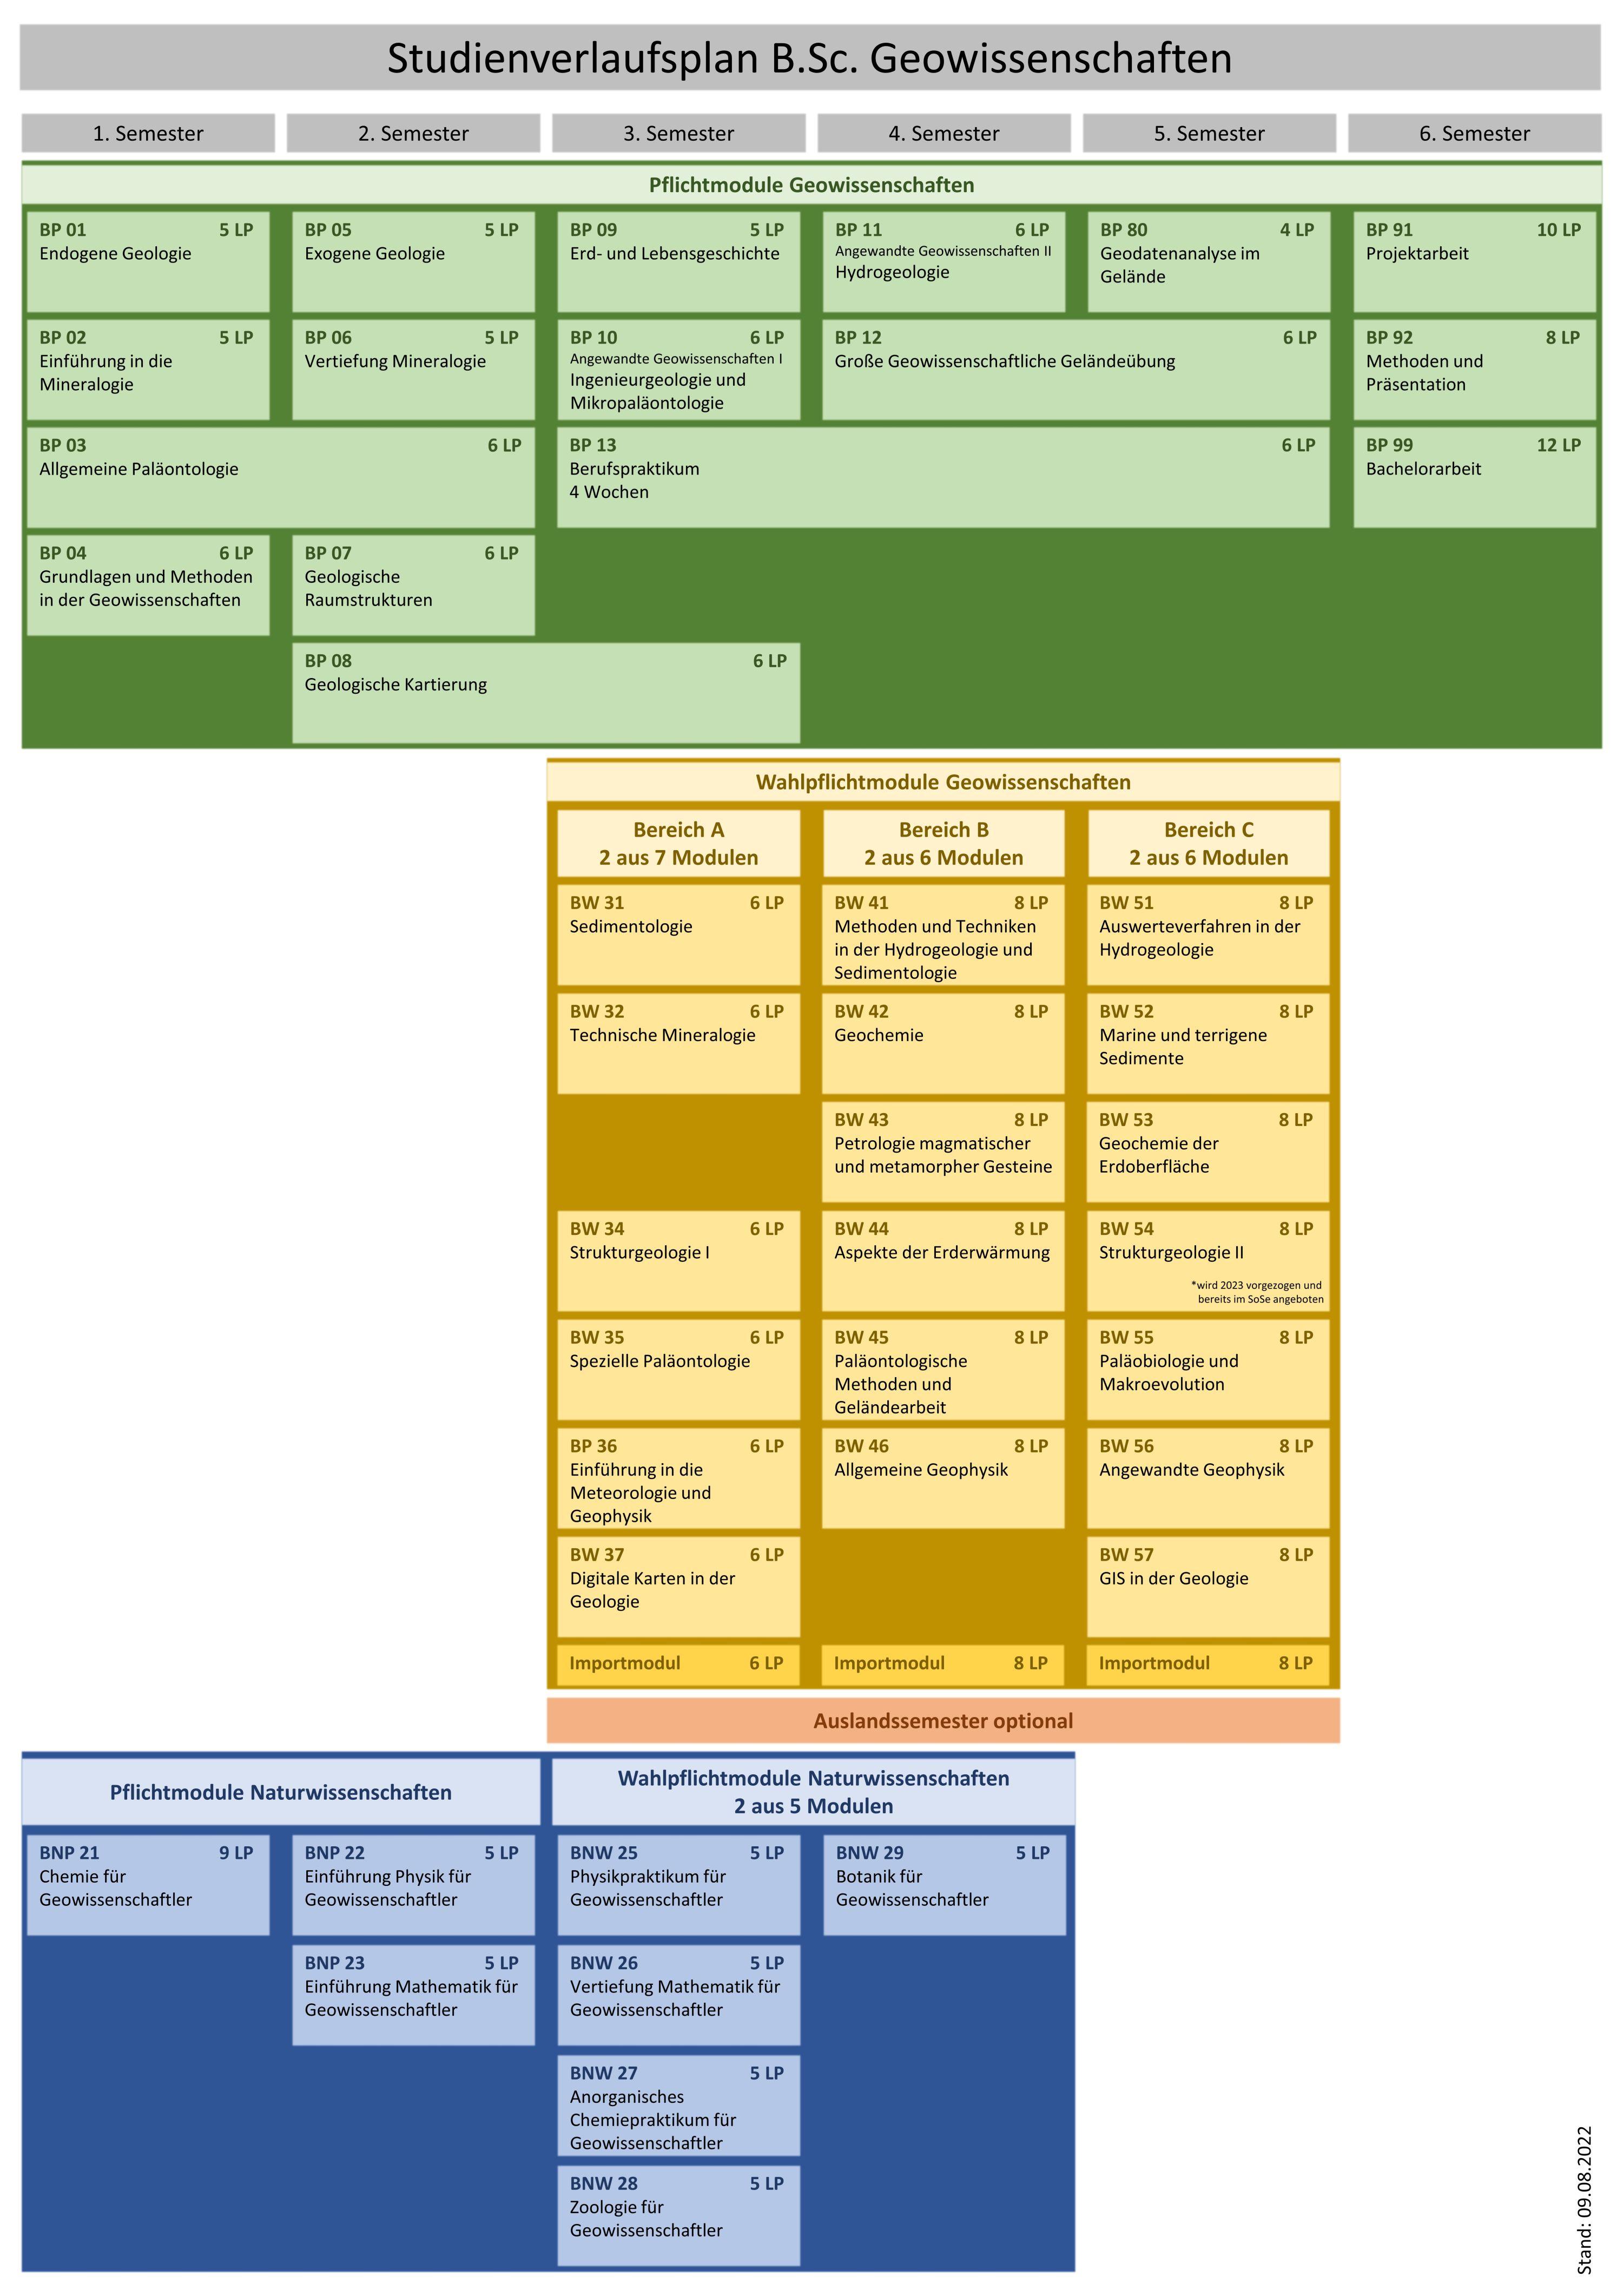 Studienverlaufsplan (B.Sc.) ab WS 19/20